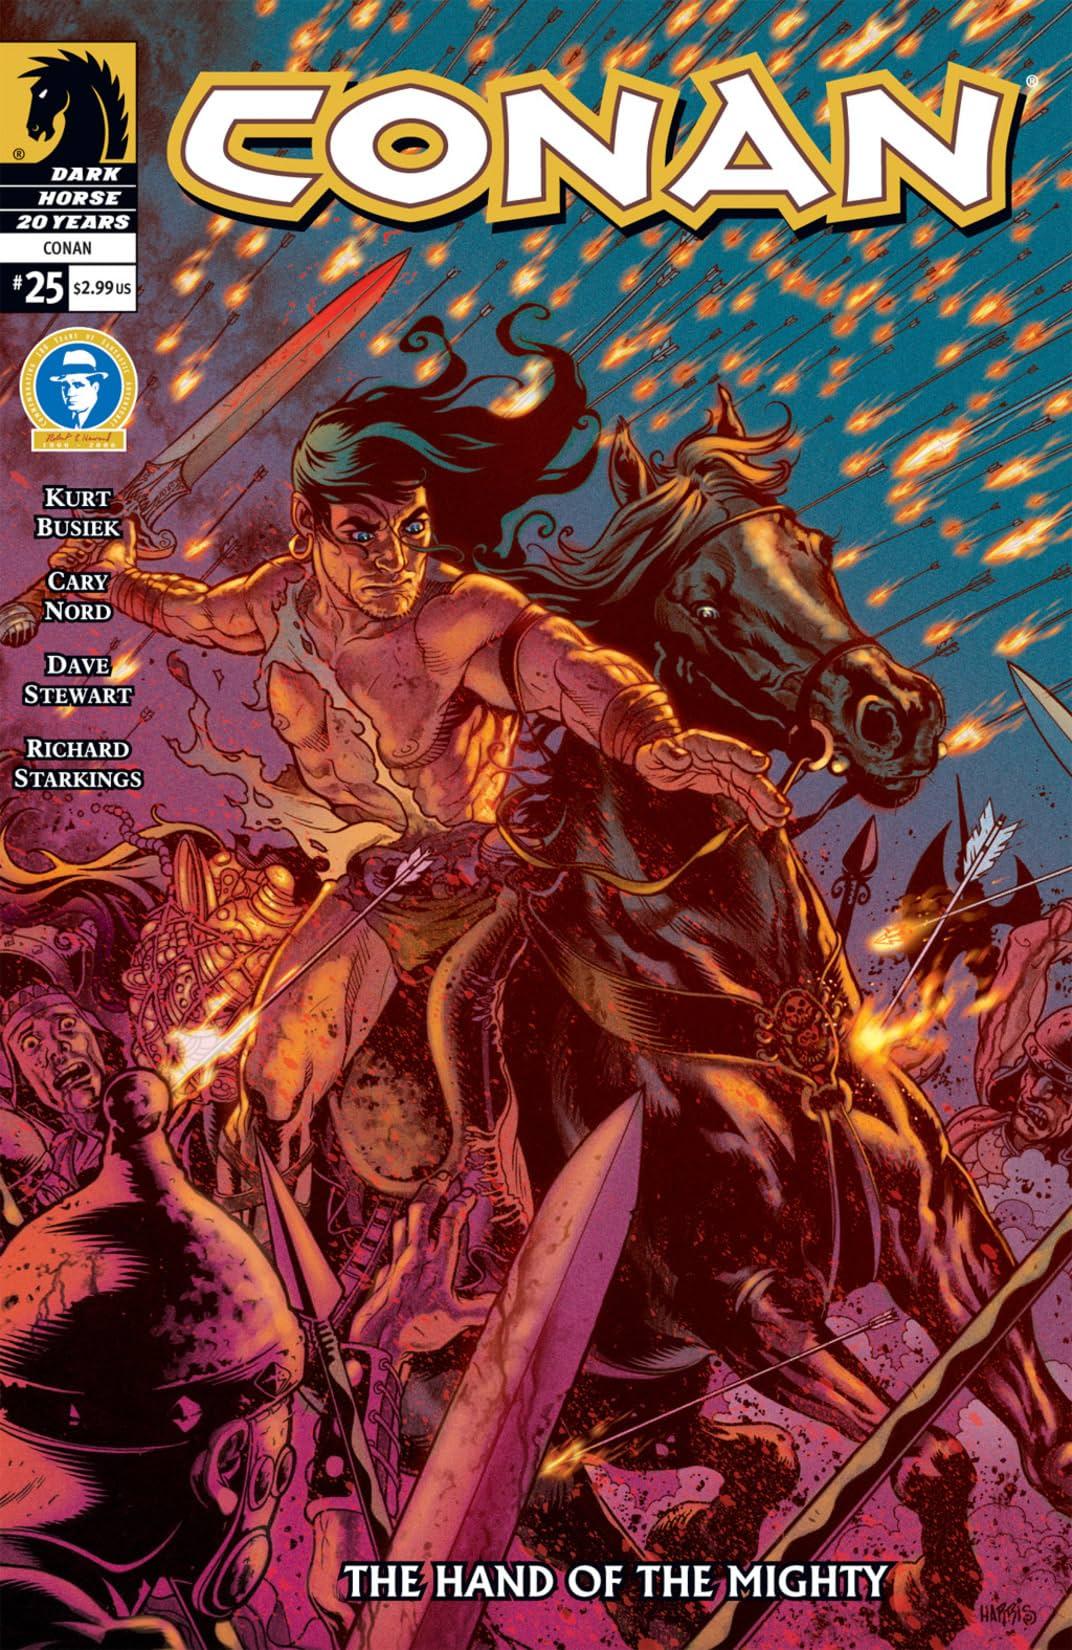 Conan #25